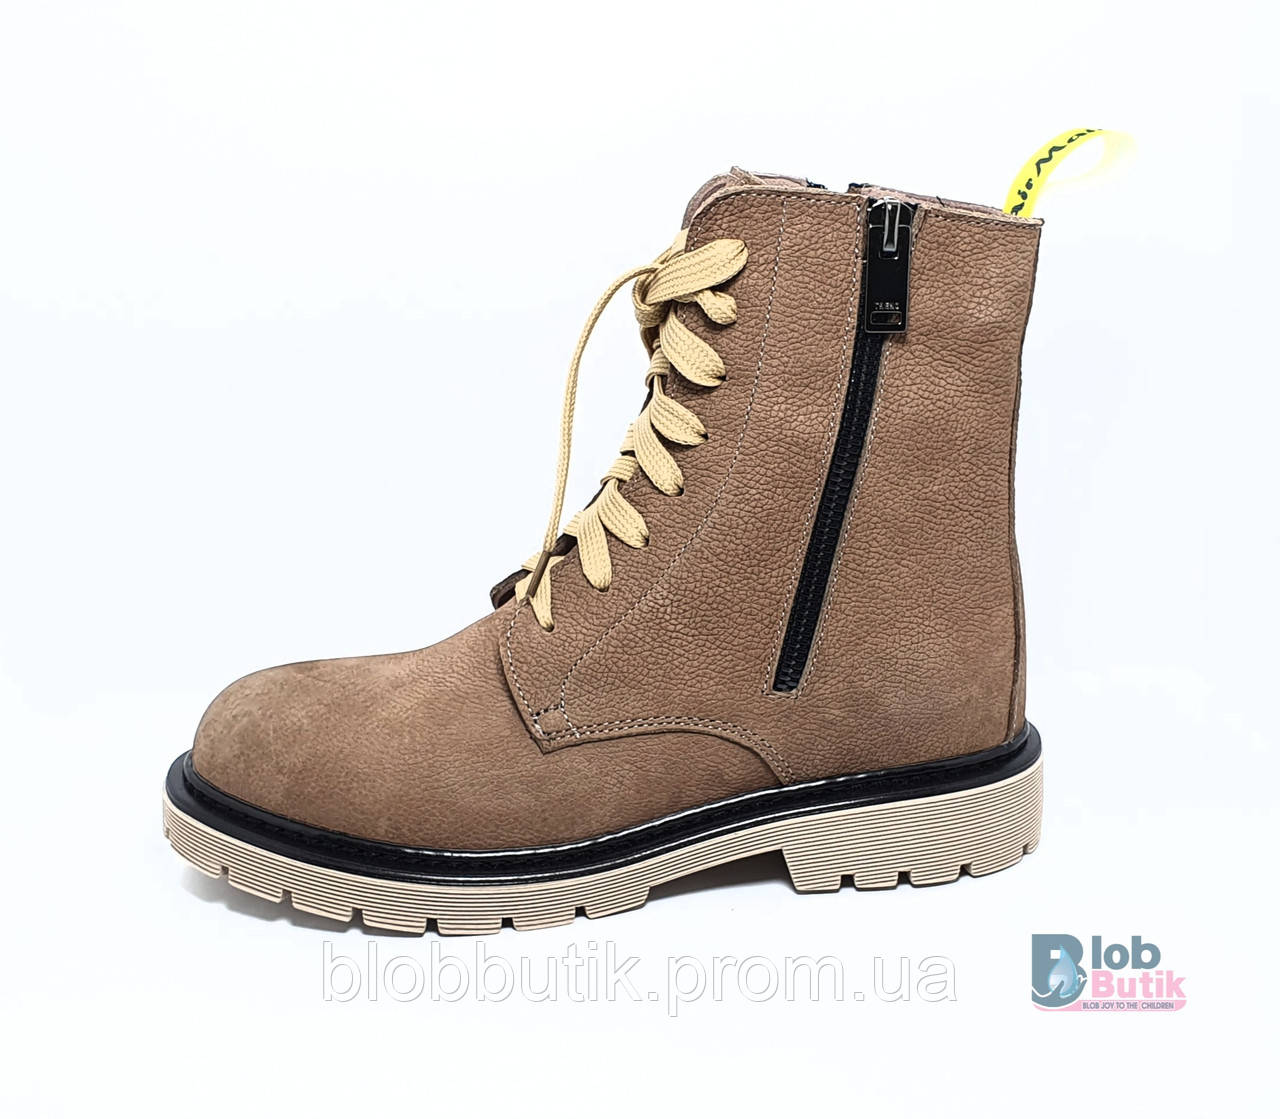 Зимние ботинки для девочки Arcoboletto.